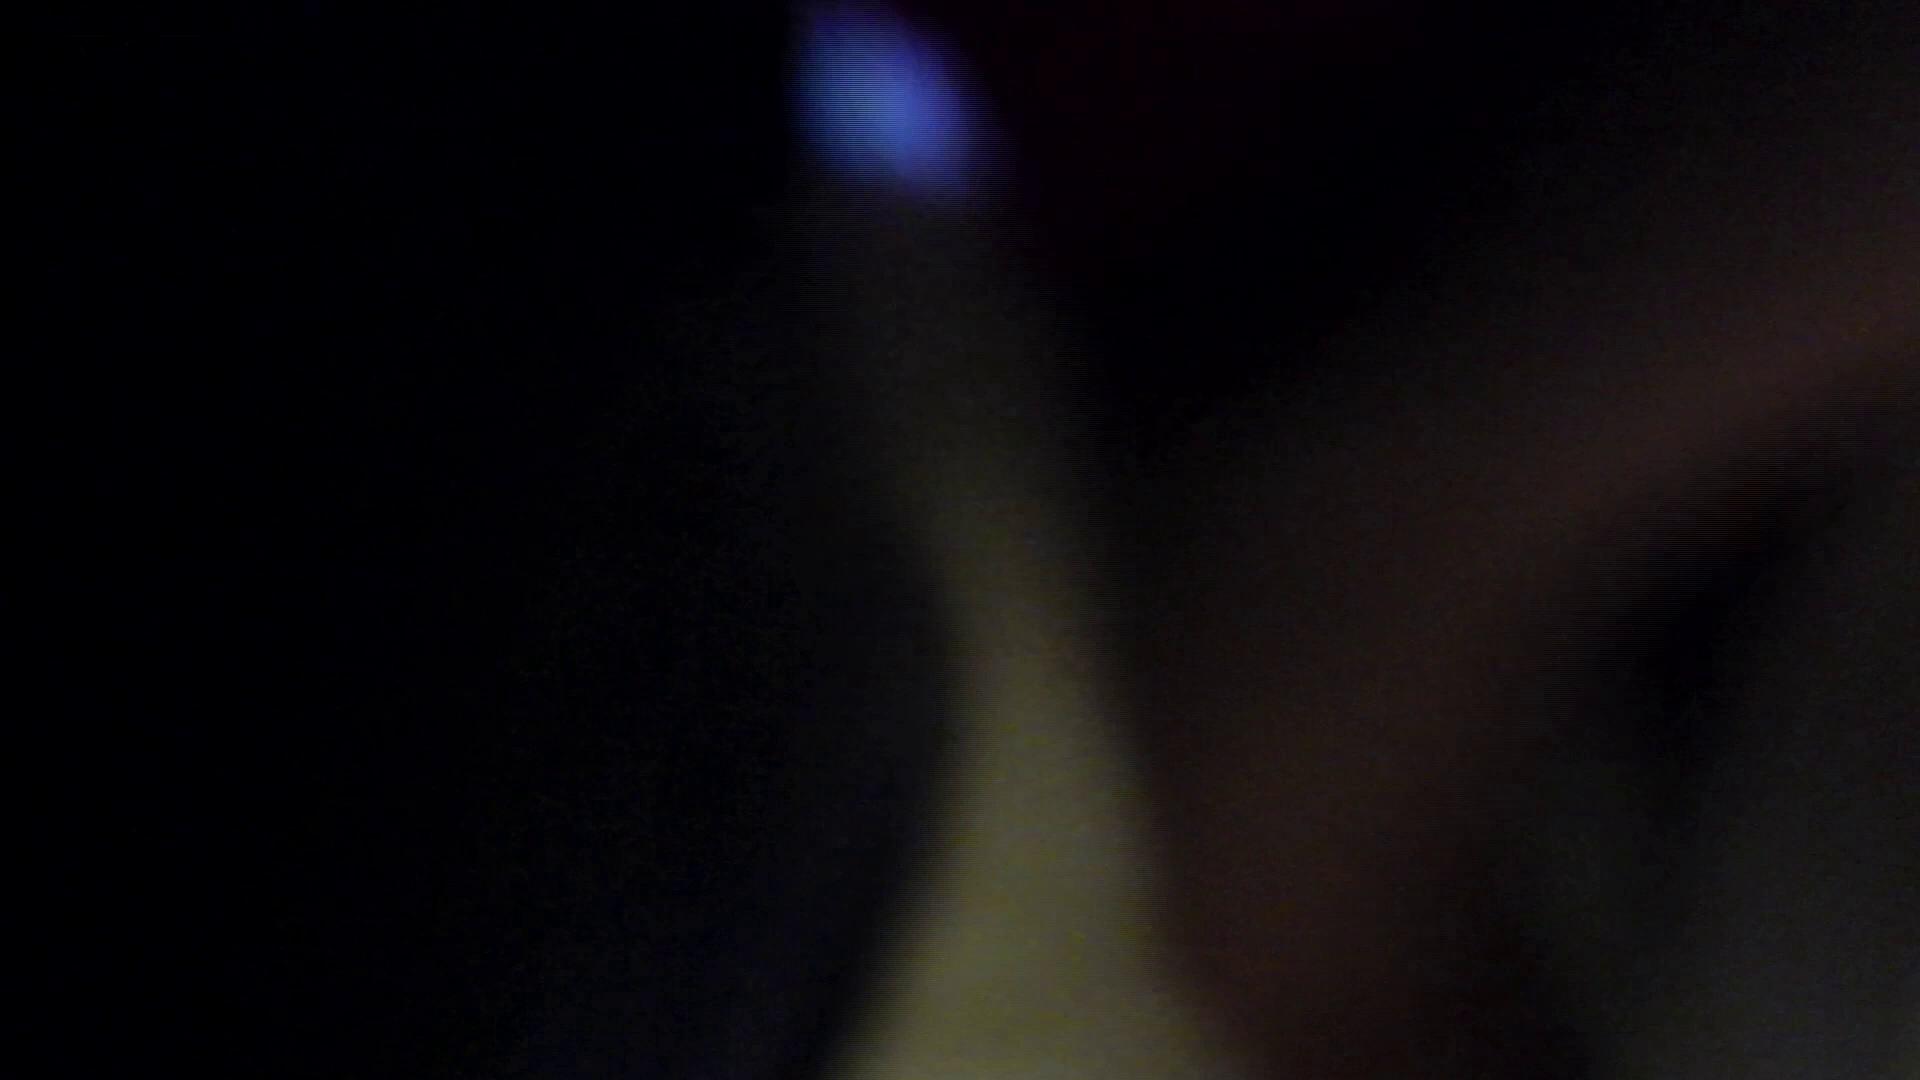 ヒトニアラヅNo.02 姿と全体の流れを公開 オマンコ無修正  47Pix 27